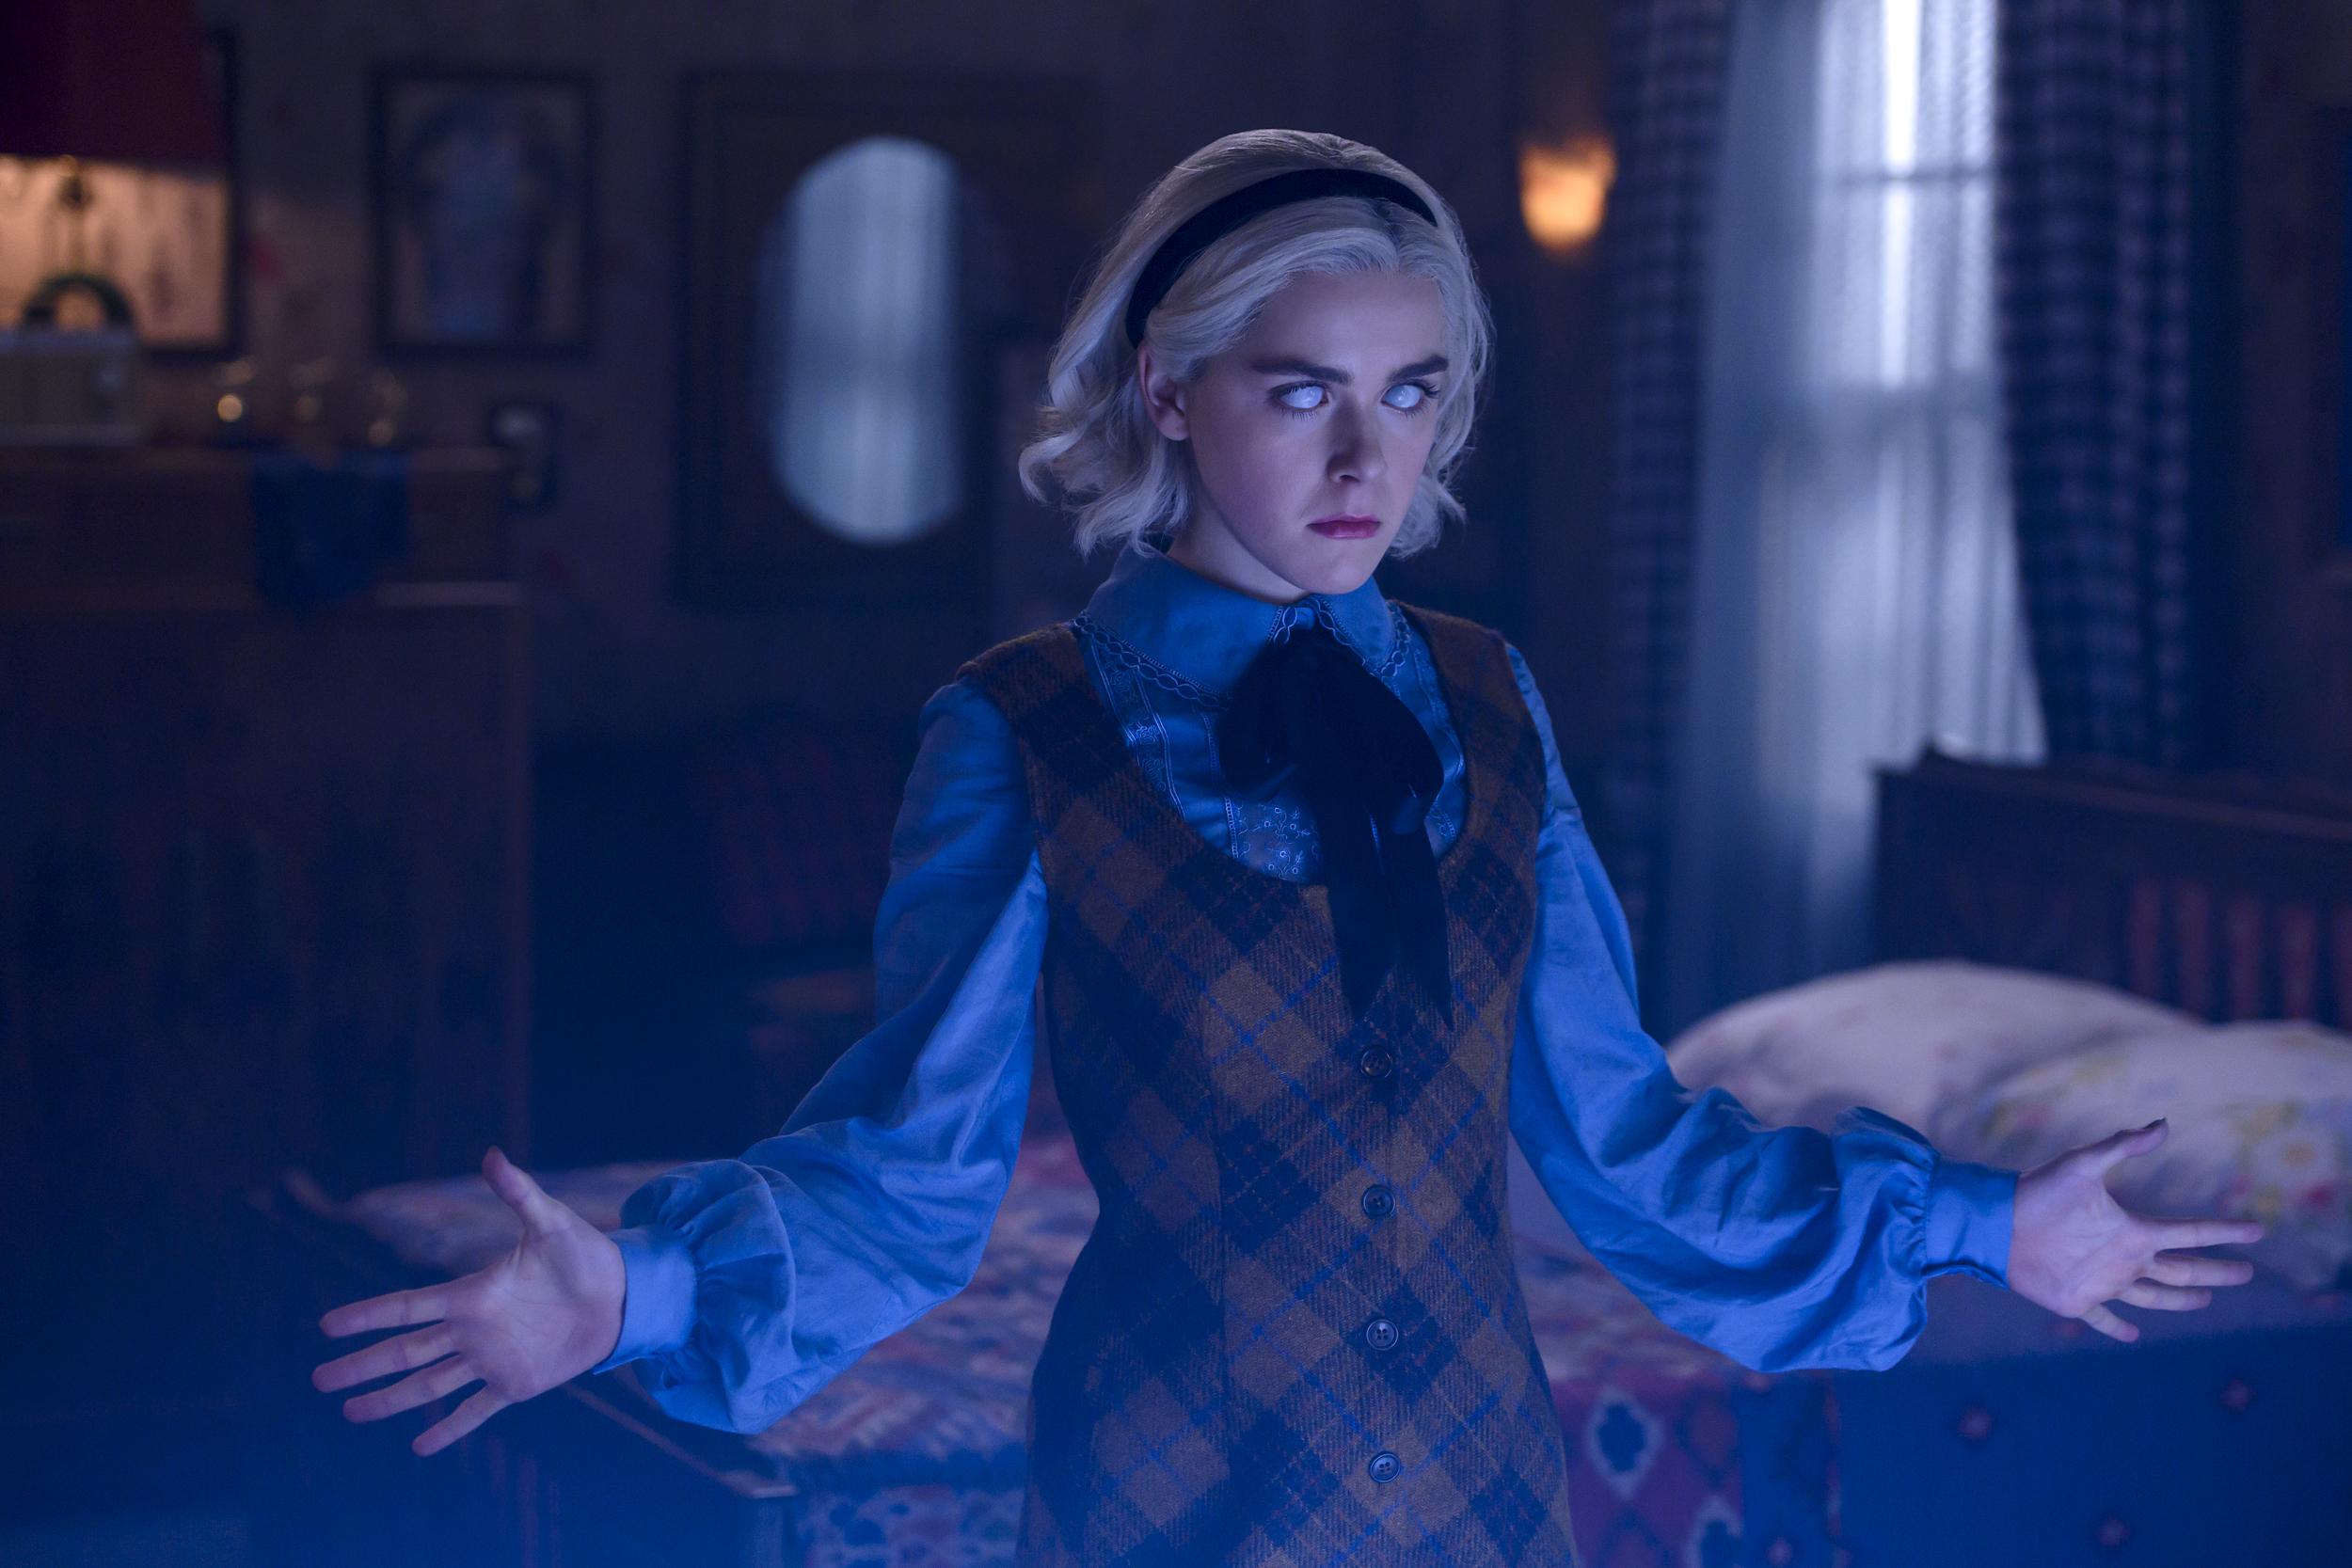 A produção original Netflix acompanha uma adolescente bruxa